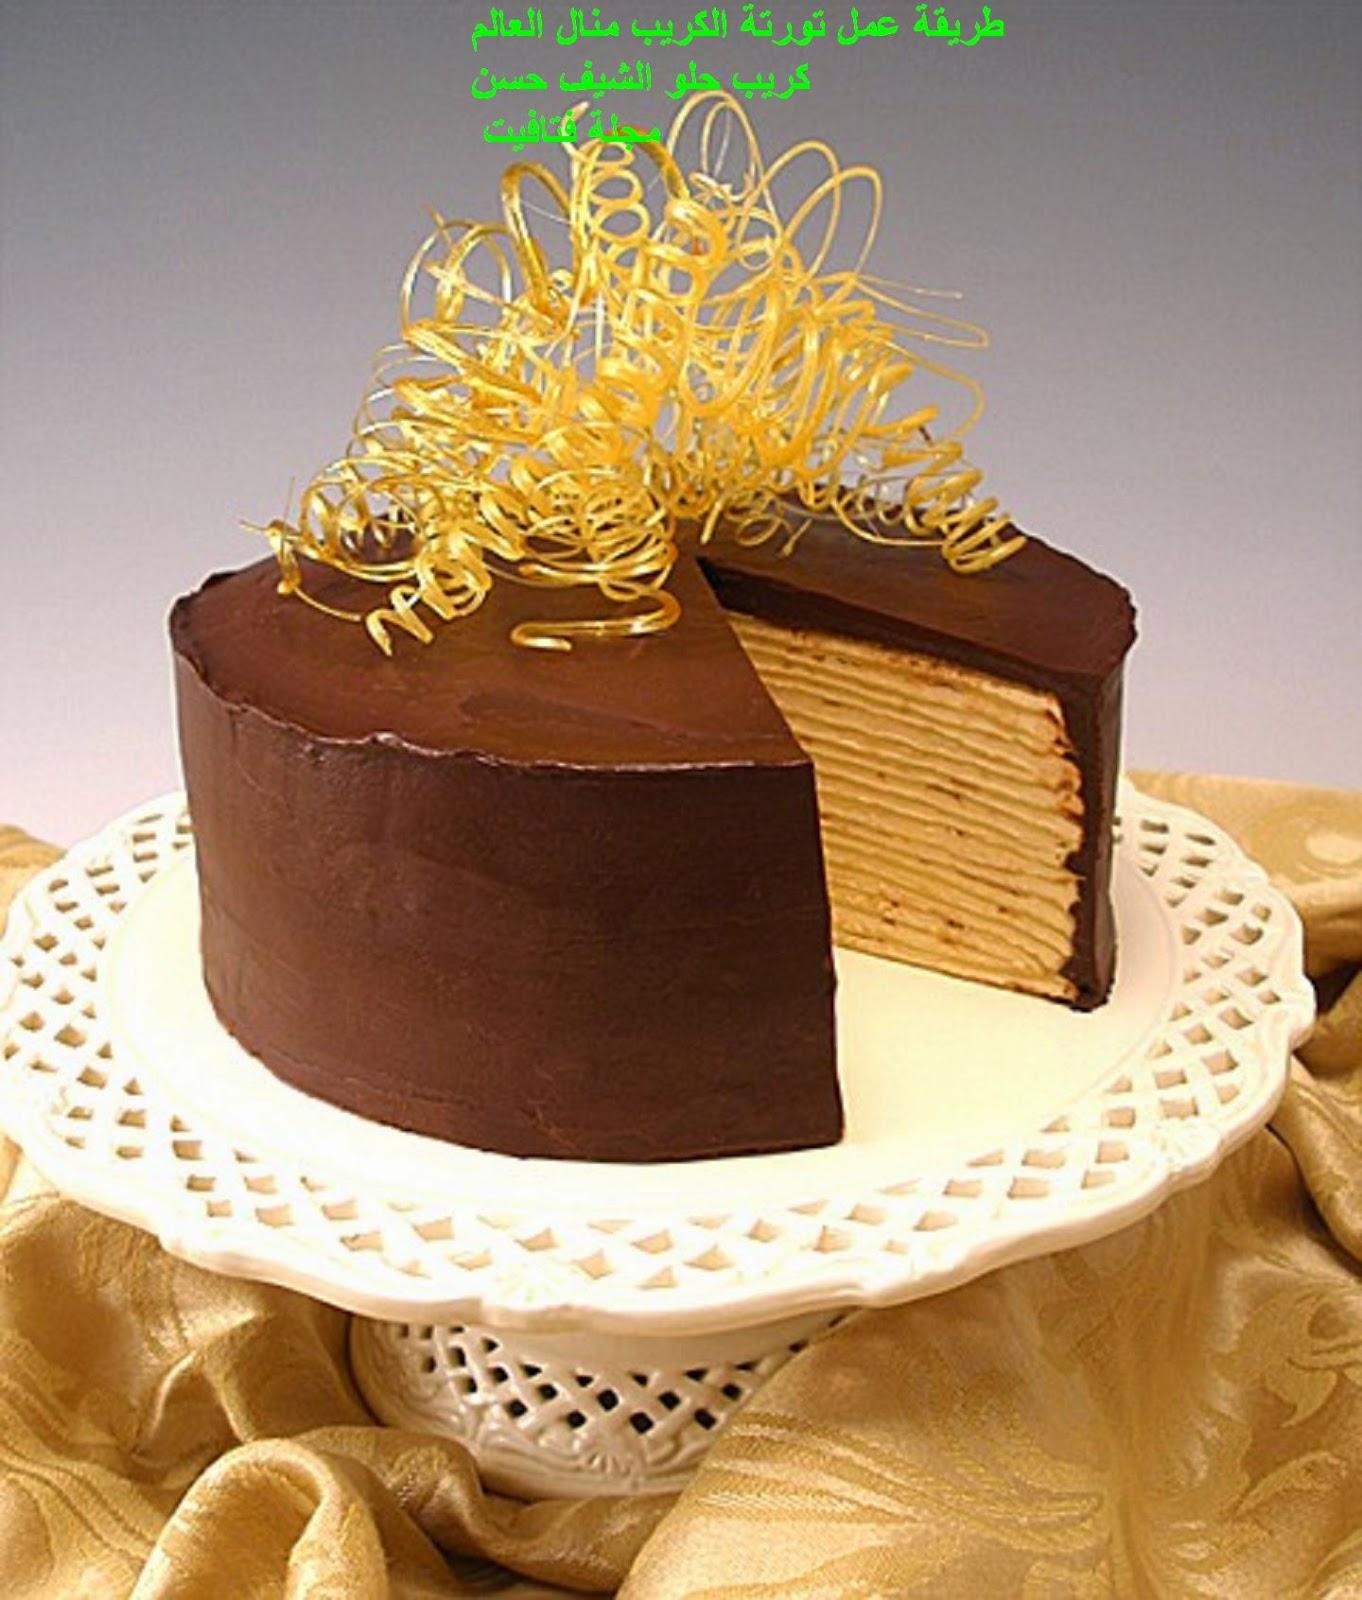 Как сделать украшения на торт из карамели в домашних условиях